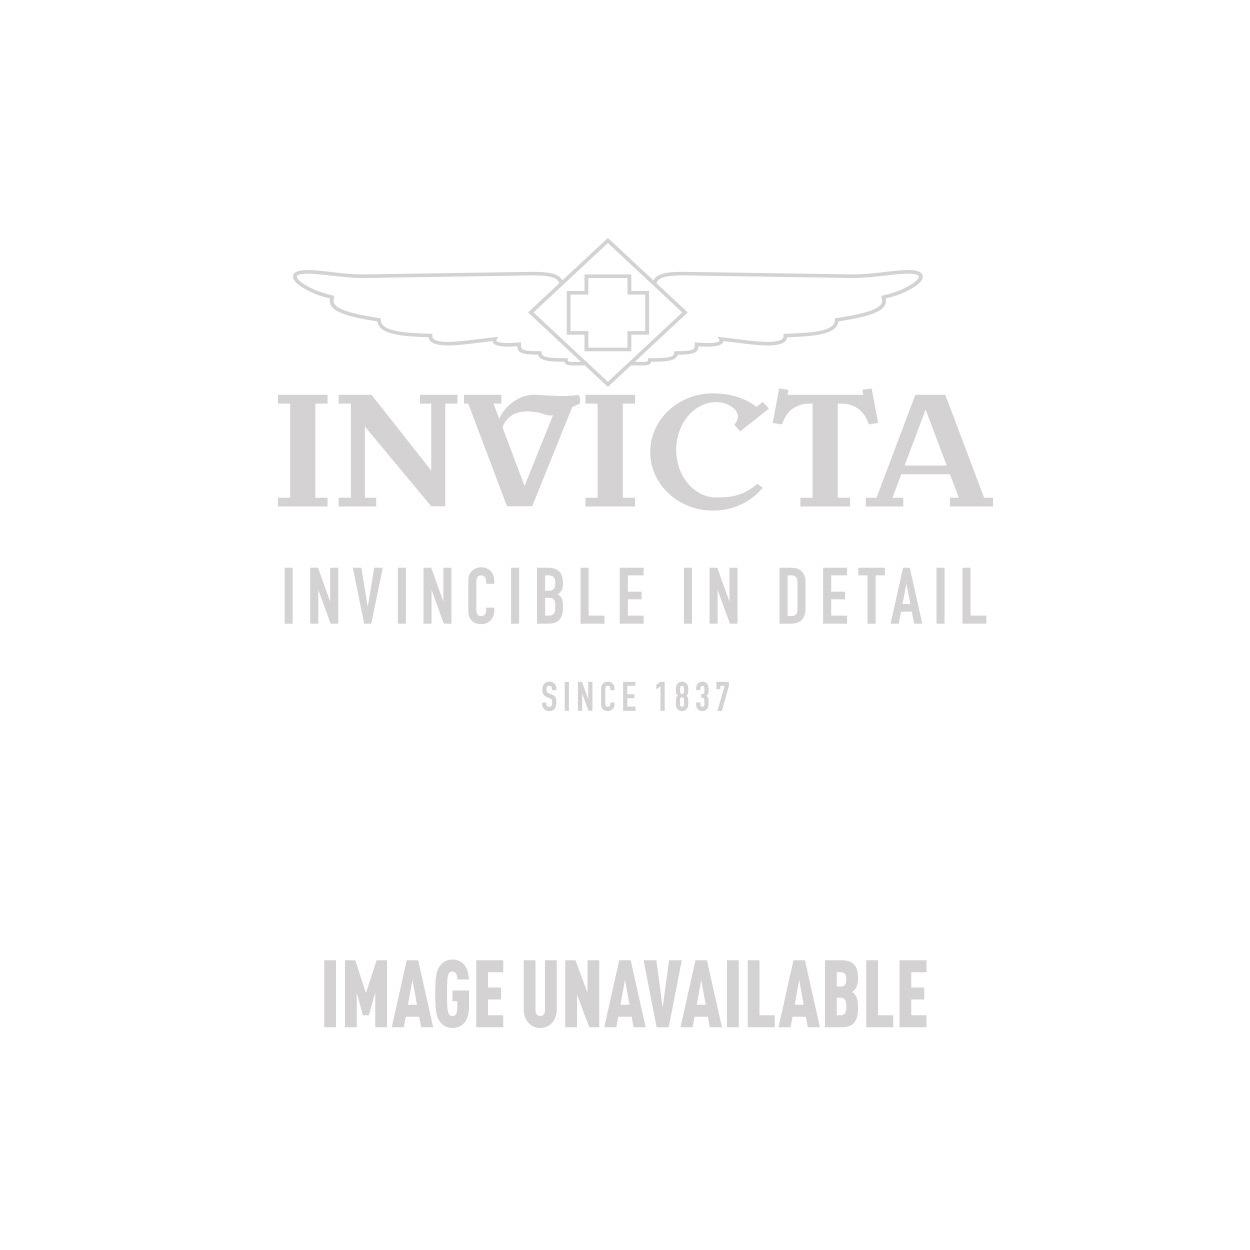 Invicta Model 27398